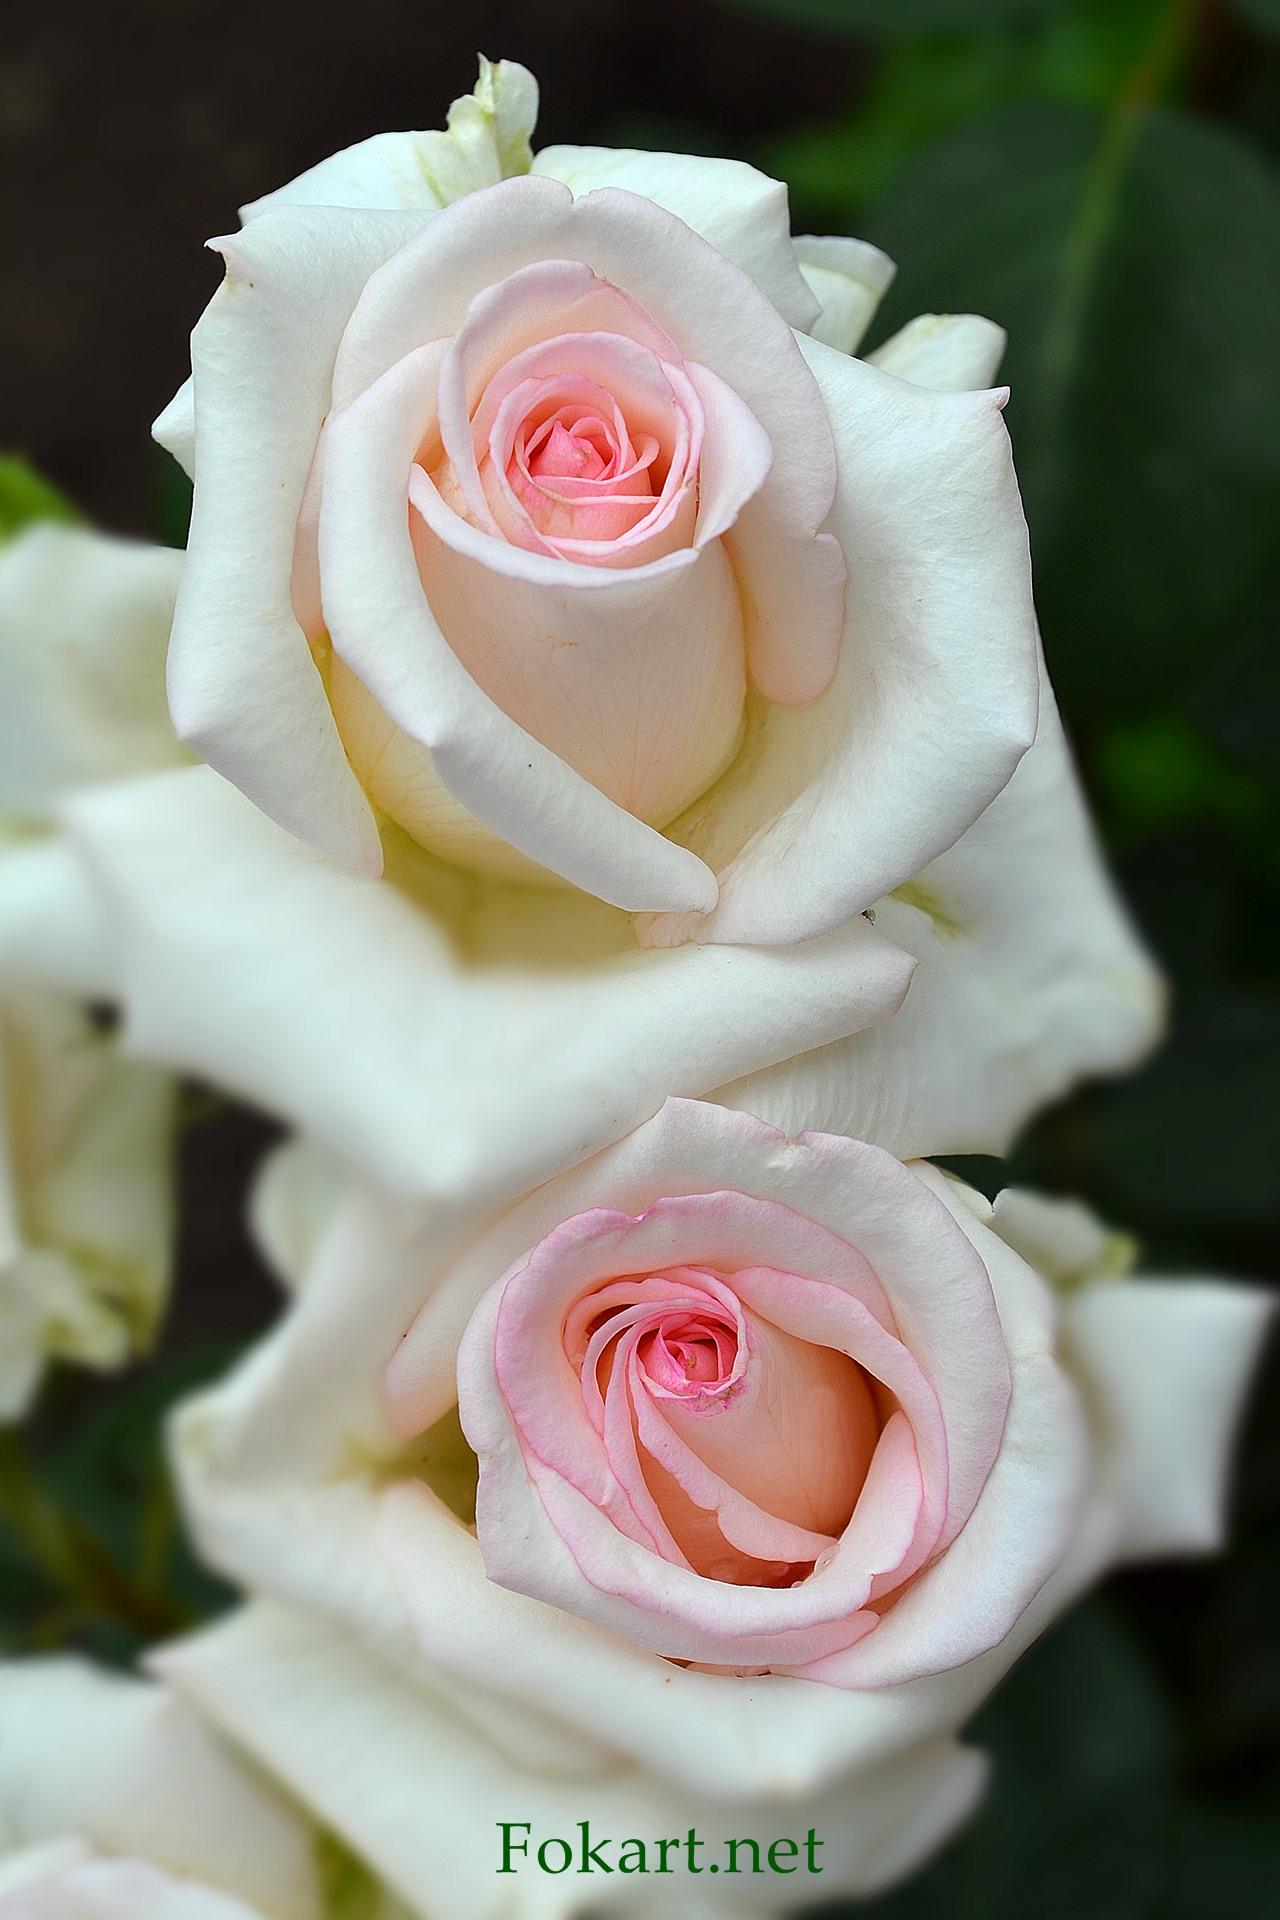 Две светлых розы, белых, с розовыми серединками